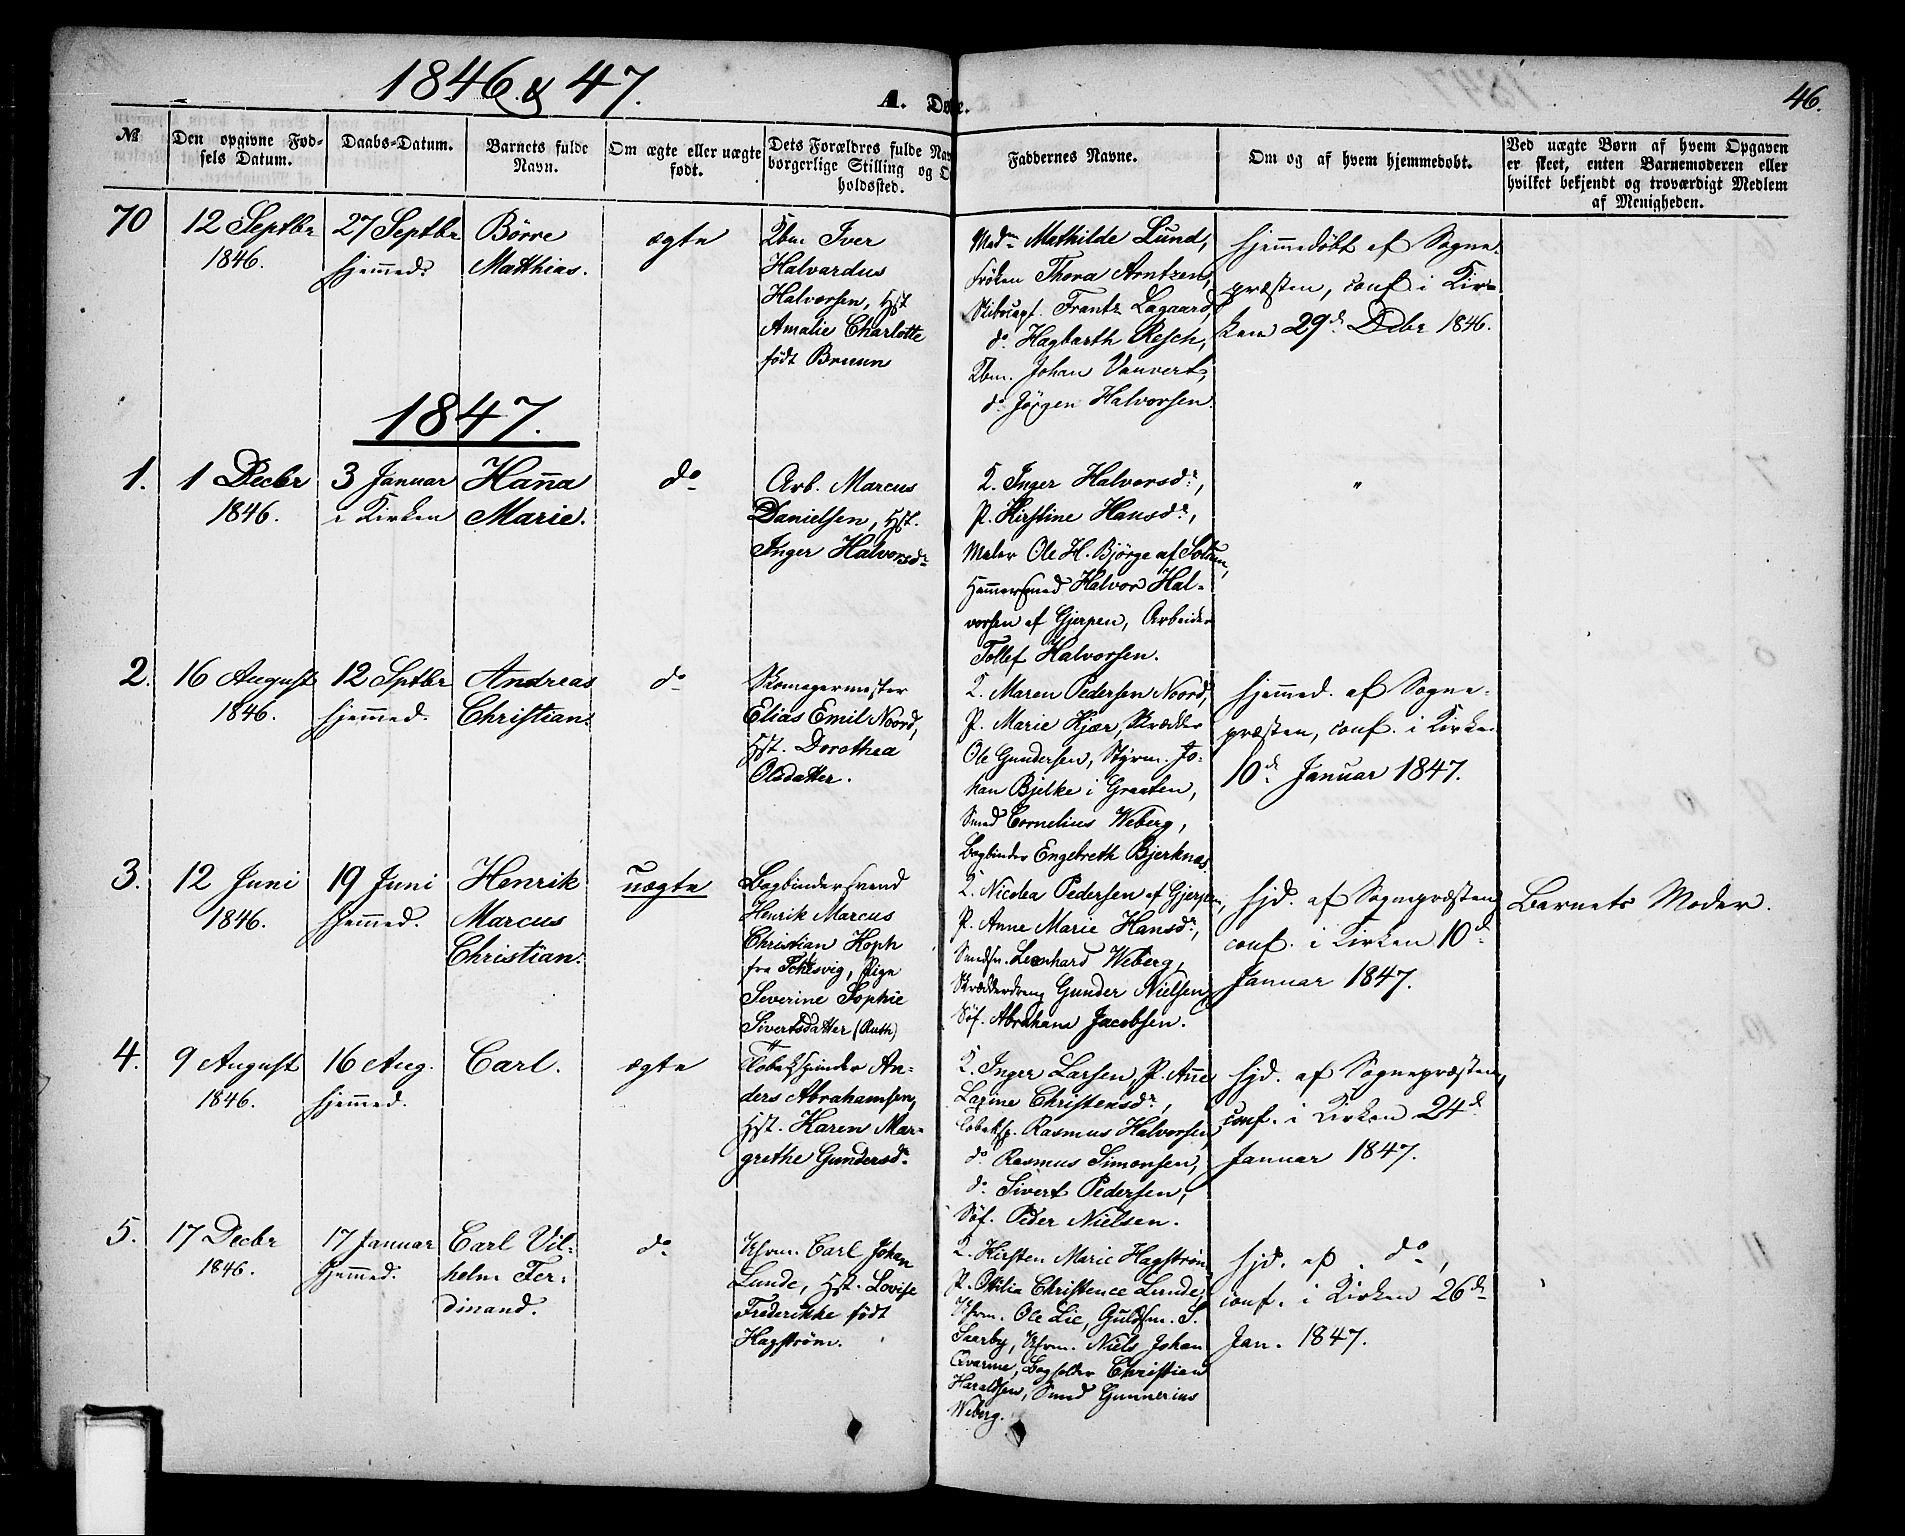 SAKO, Skien kirkebøker, G/Ga/L0004: Klokkerbok nr. 4, 1843-1867, s. 46